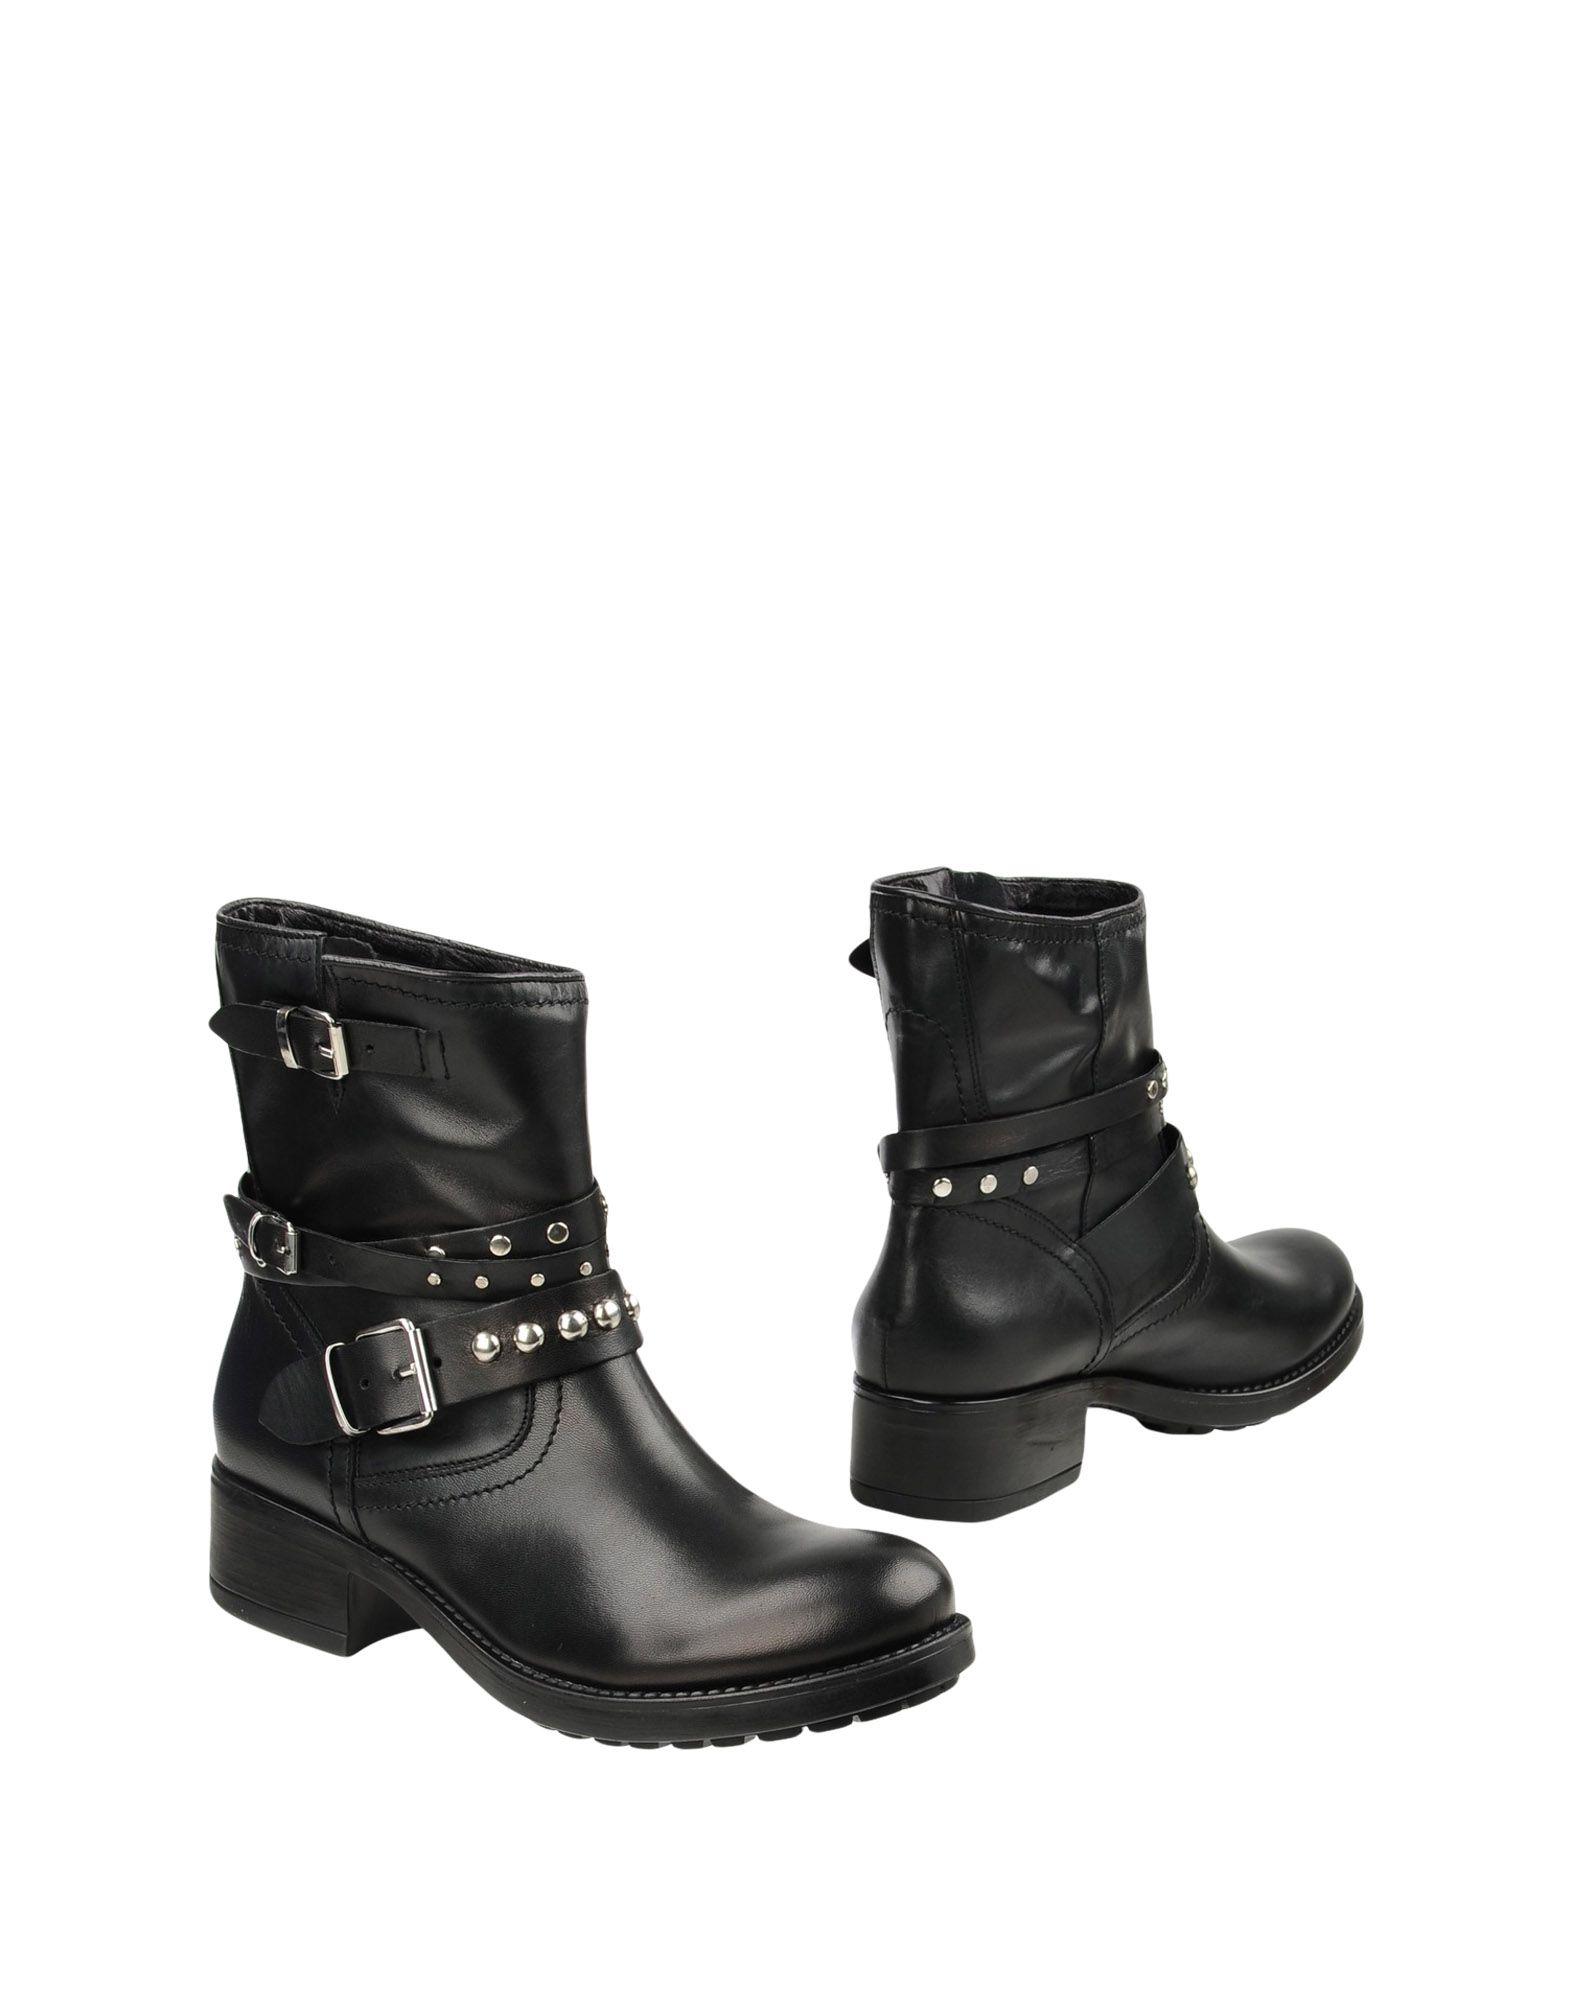 George J. Love Stiefelette Damen  11373317MN Gute Qualität beliebte Schuhe